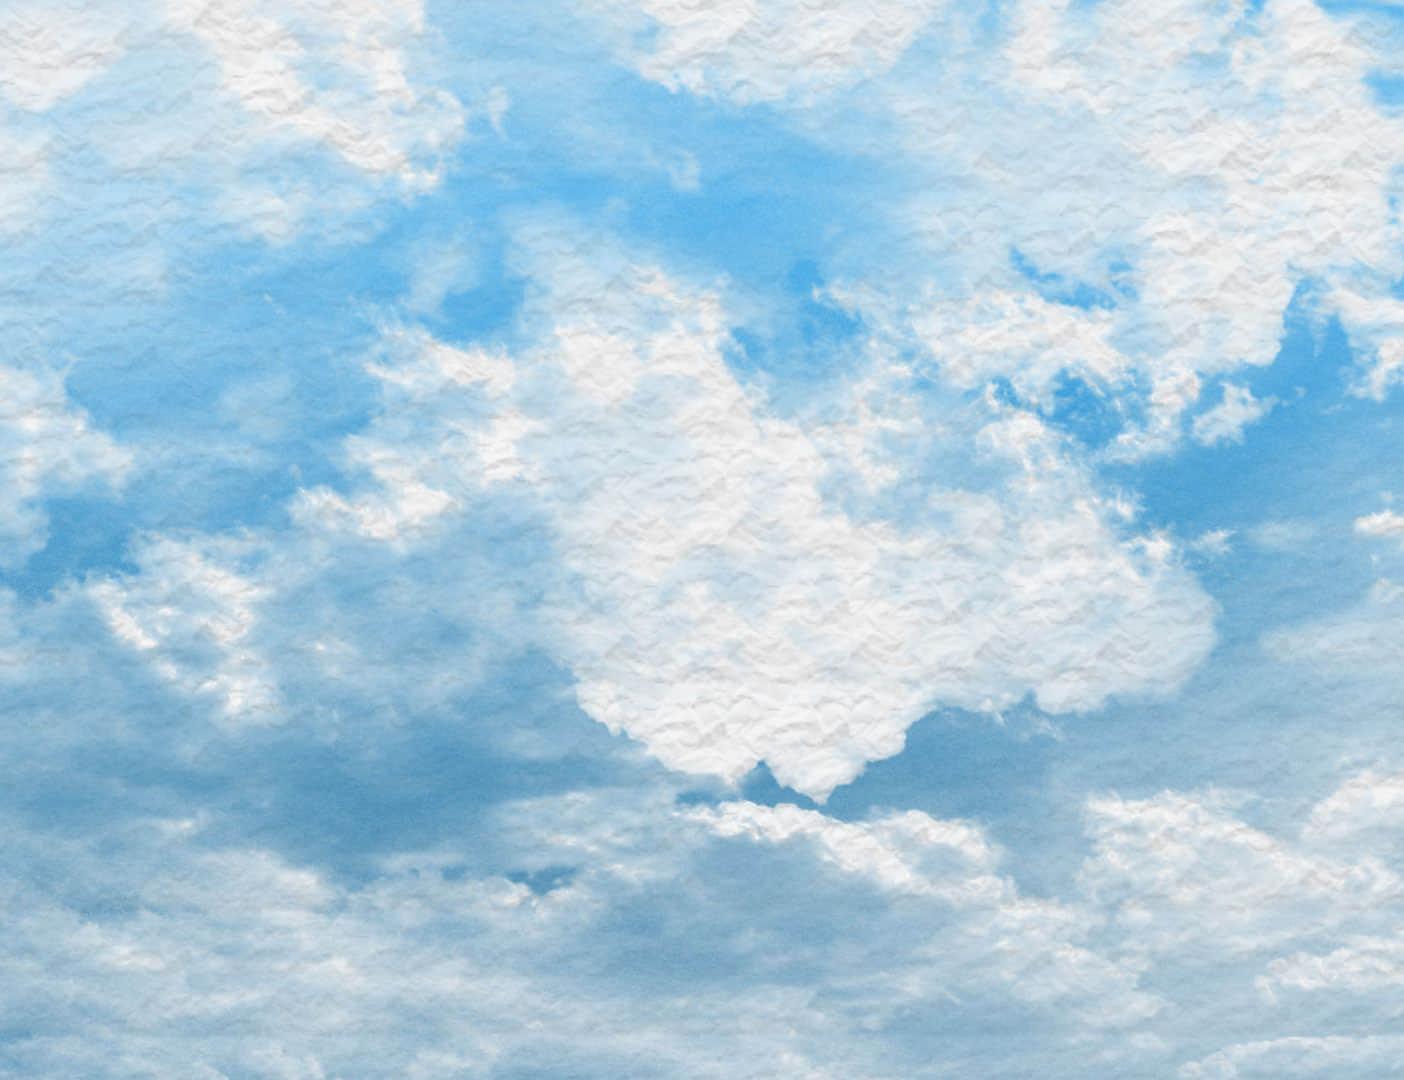 云层与蓝天效果PS笔刷下载